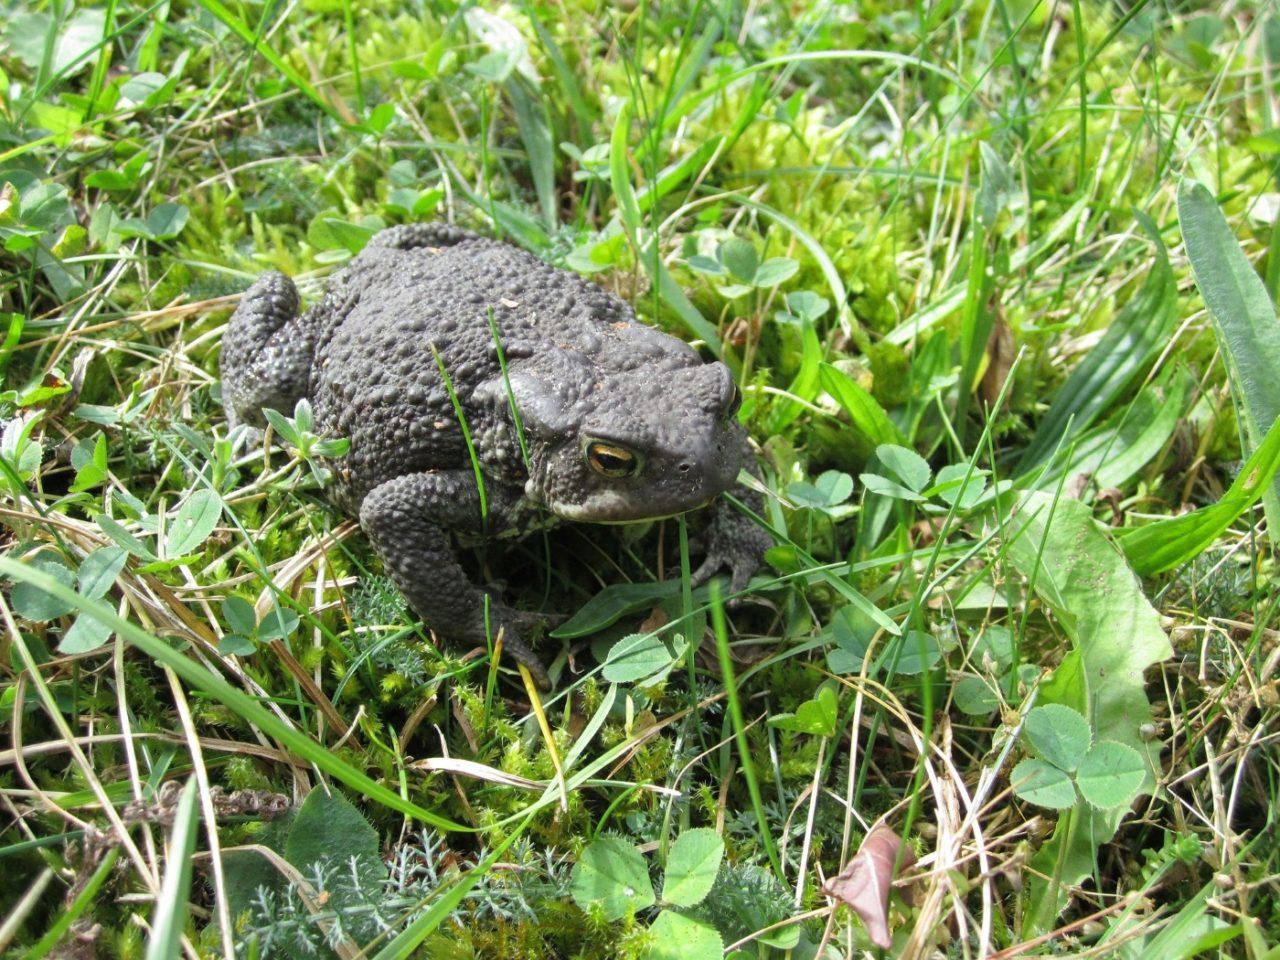 Erdkröte im eigenen Garten